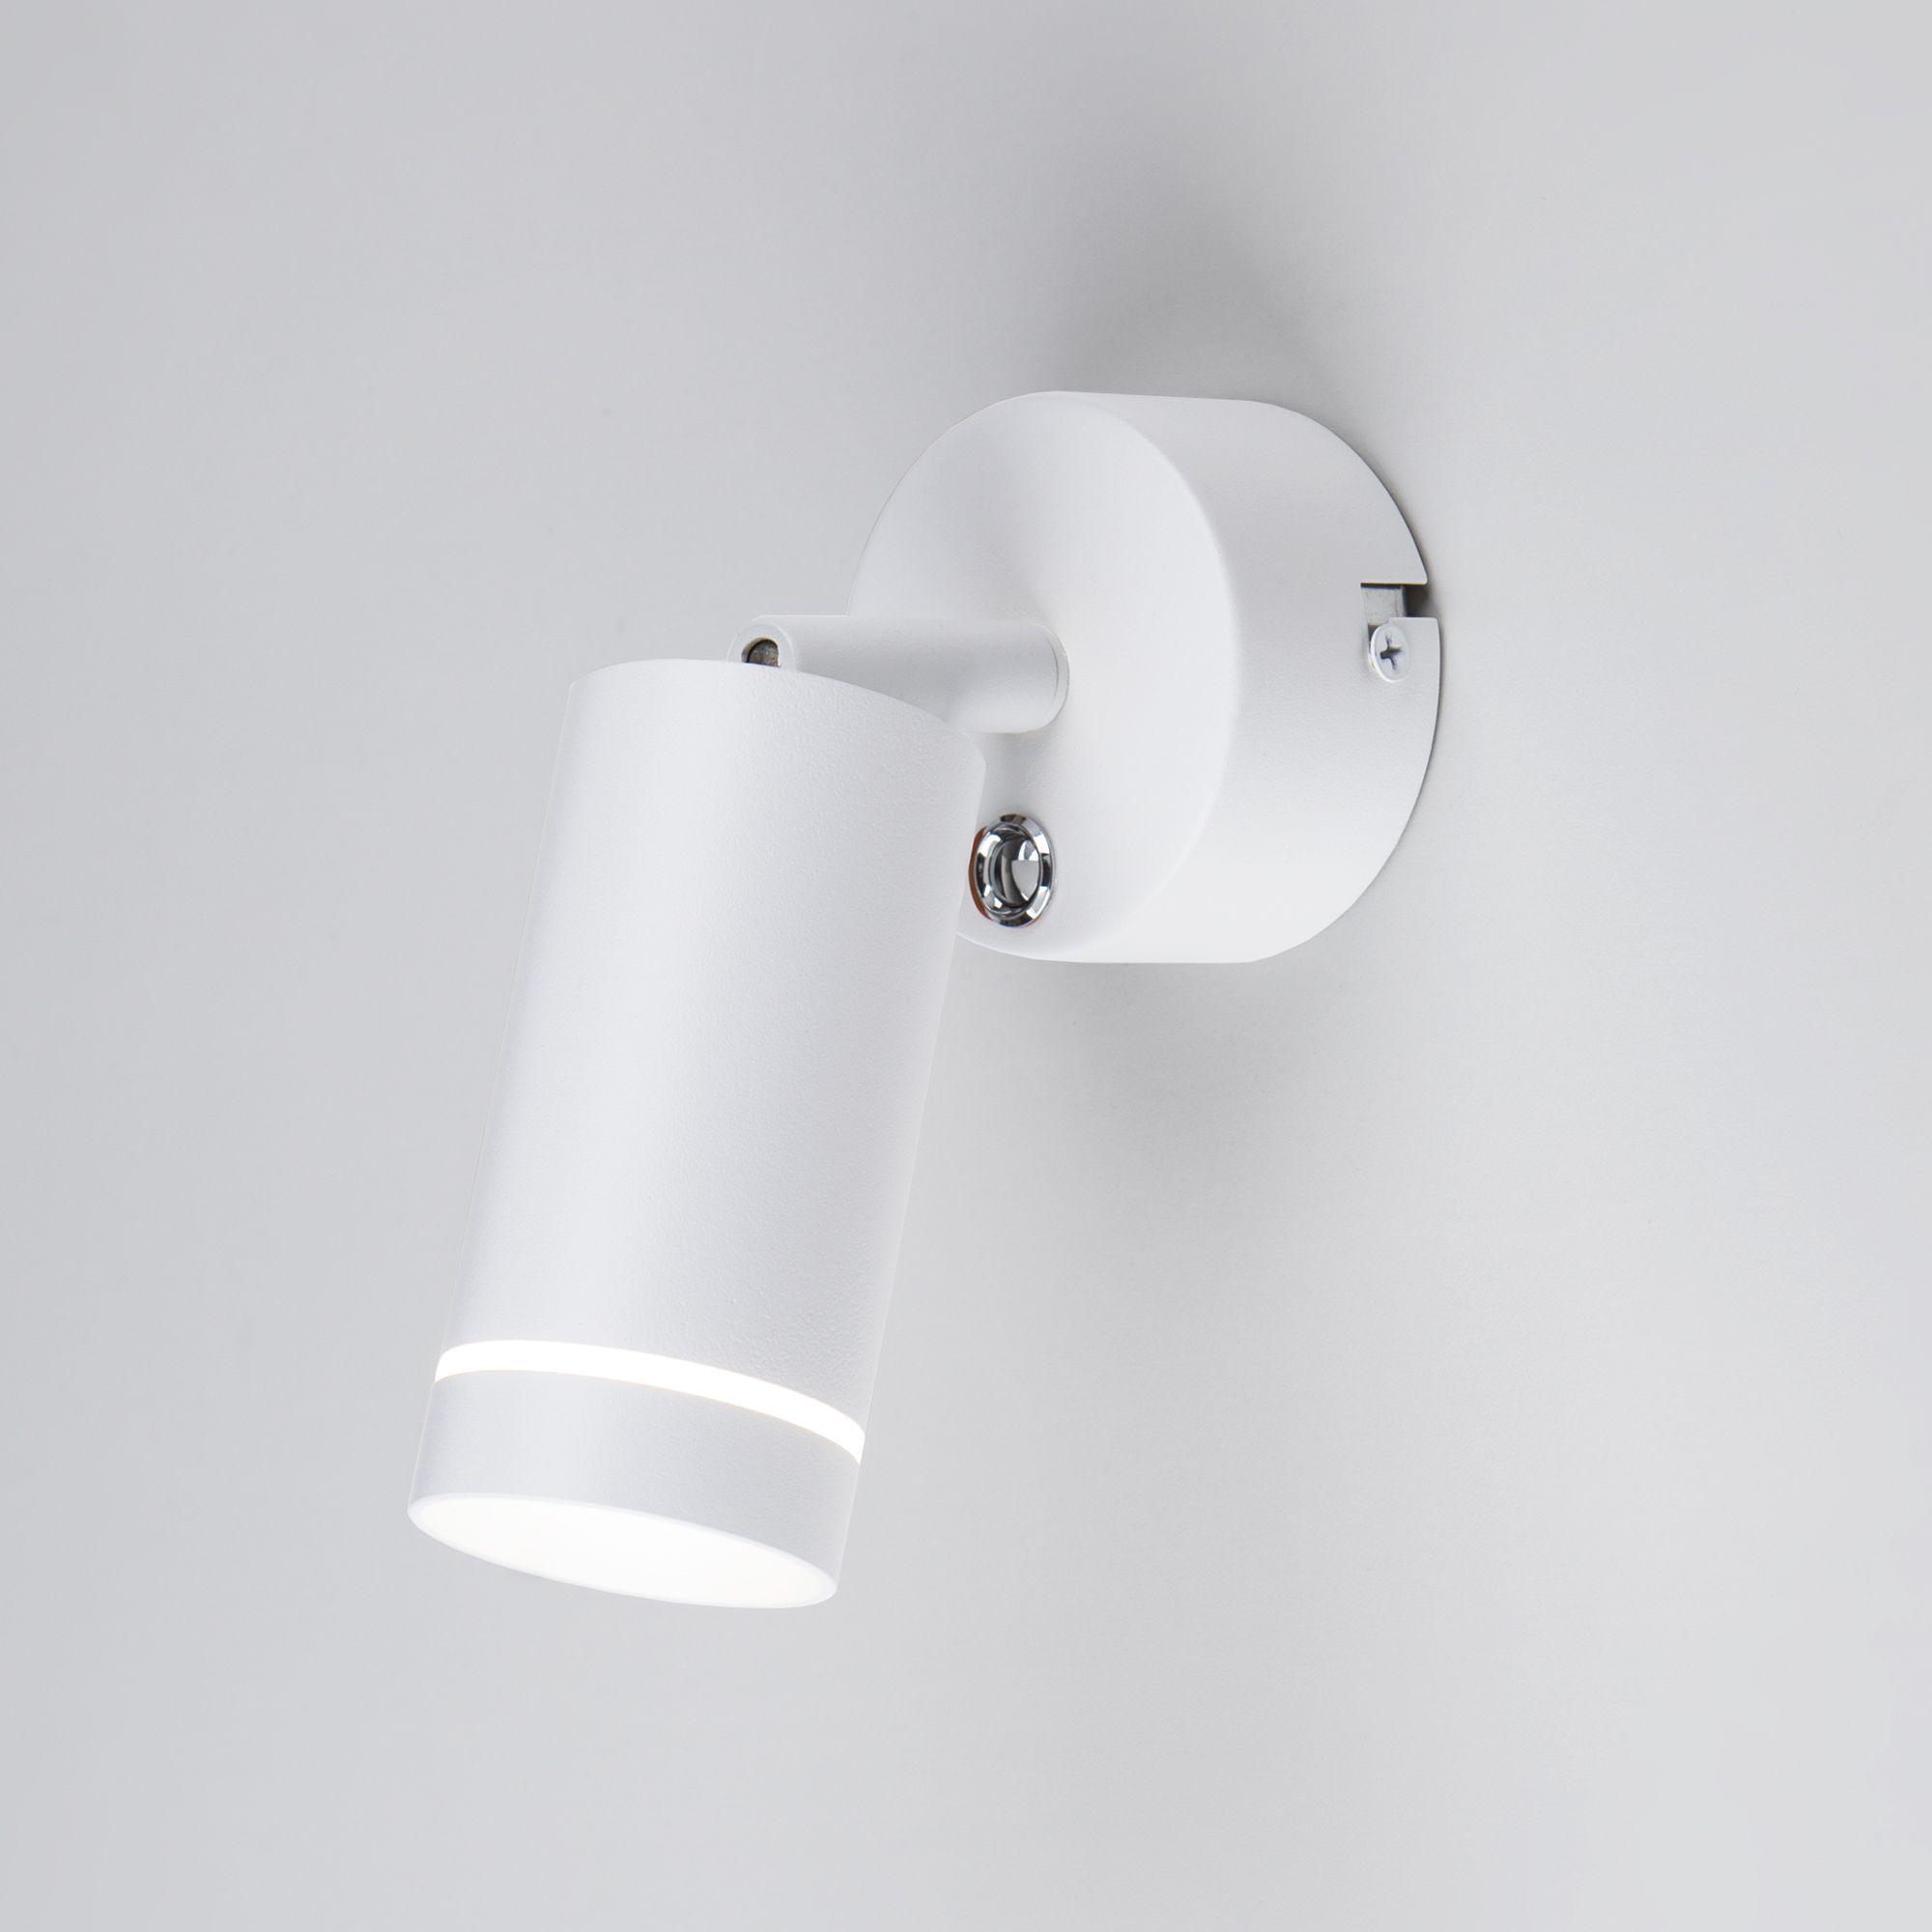 Настенный светодиодный светильник Glory SW LED MRL LED 1005 белый